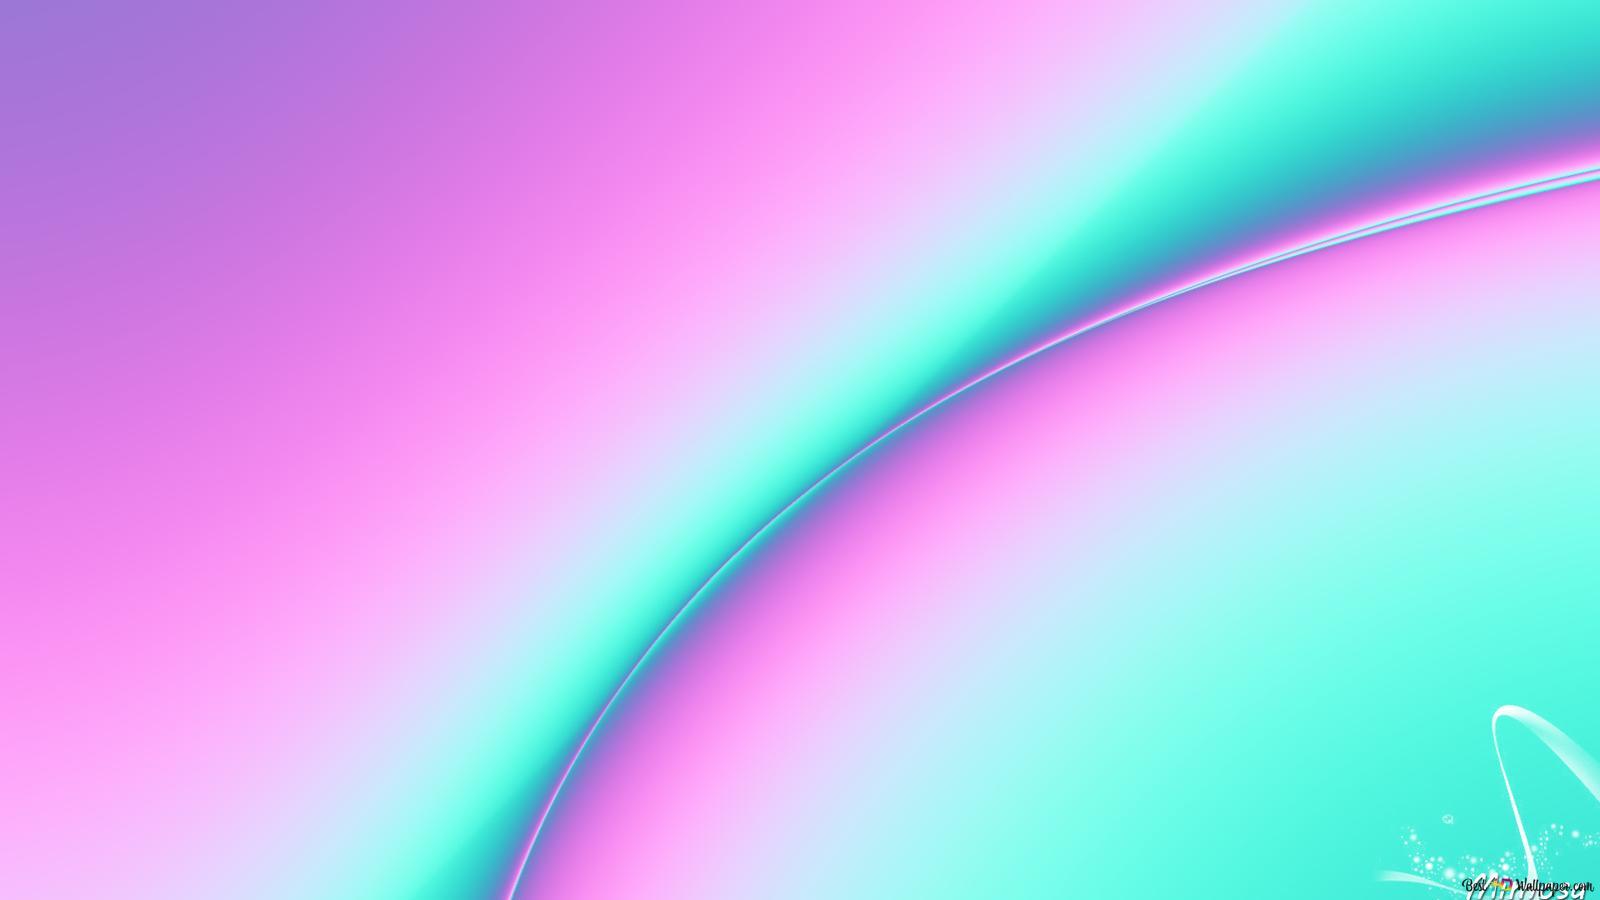 Pastell Gradient Hd Hintergrundbilder Herunterladen